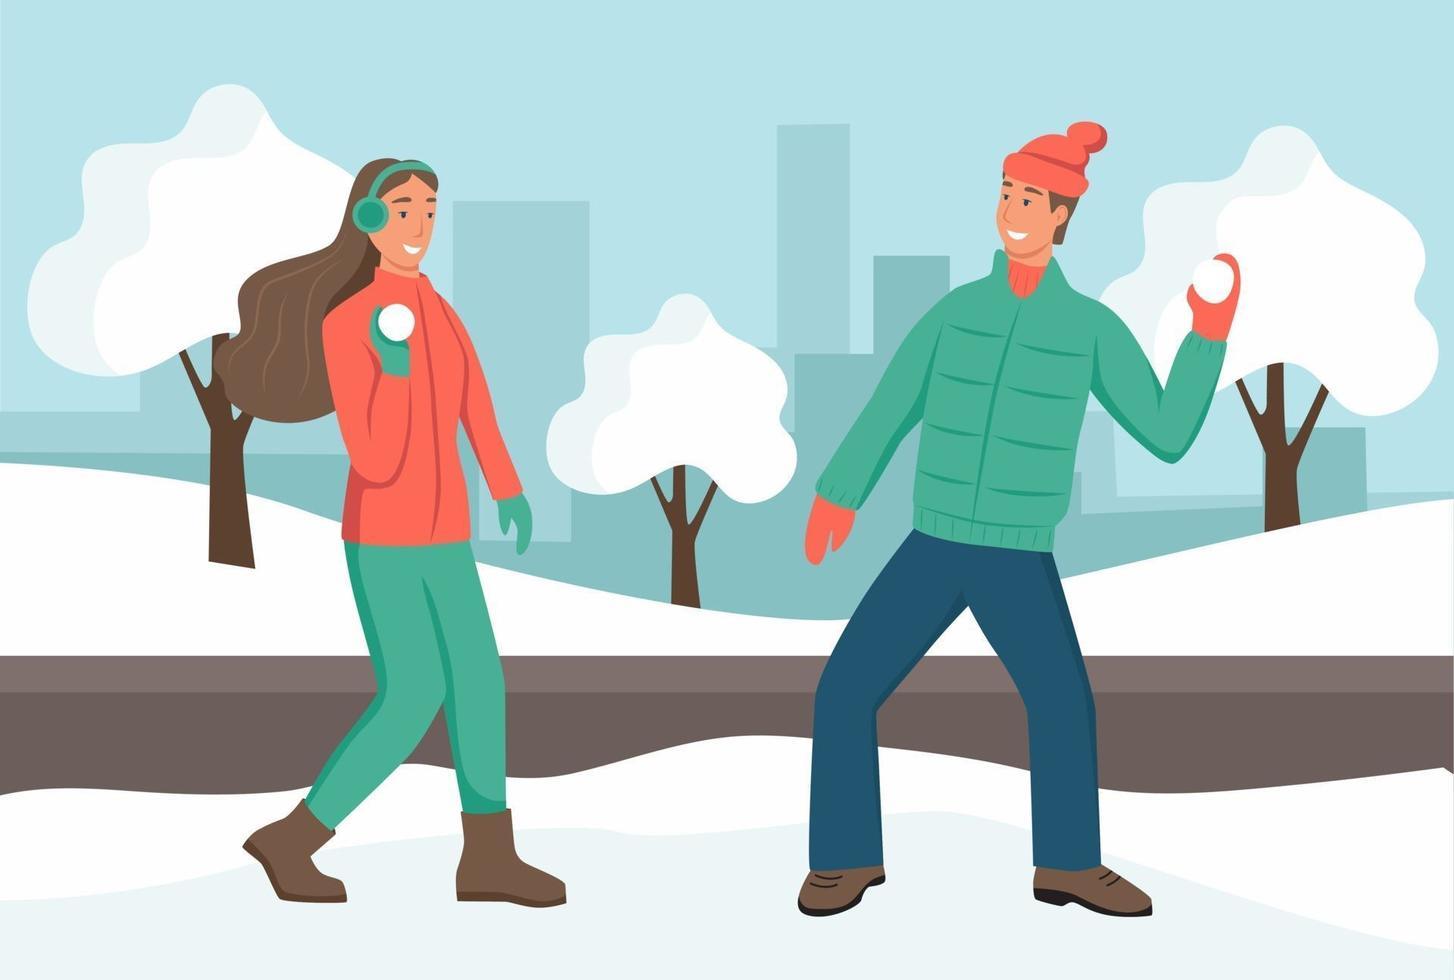 plaisir d'hiver. un couple de jeunes jouant aux boules de neige dans un parc d'hiver. date, week-end, vacances. illustration vectorielle plane vecteur